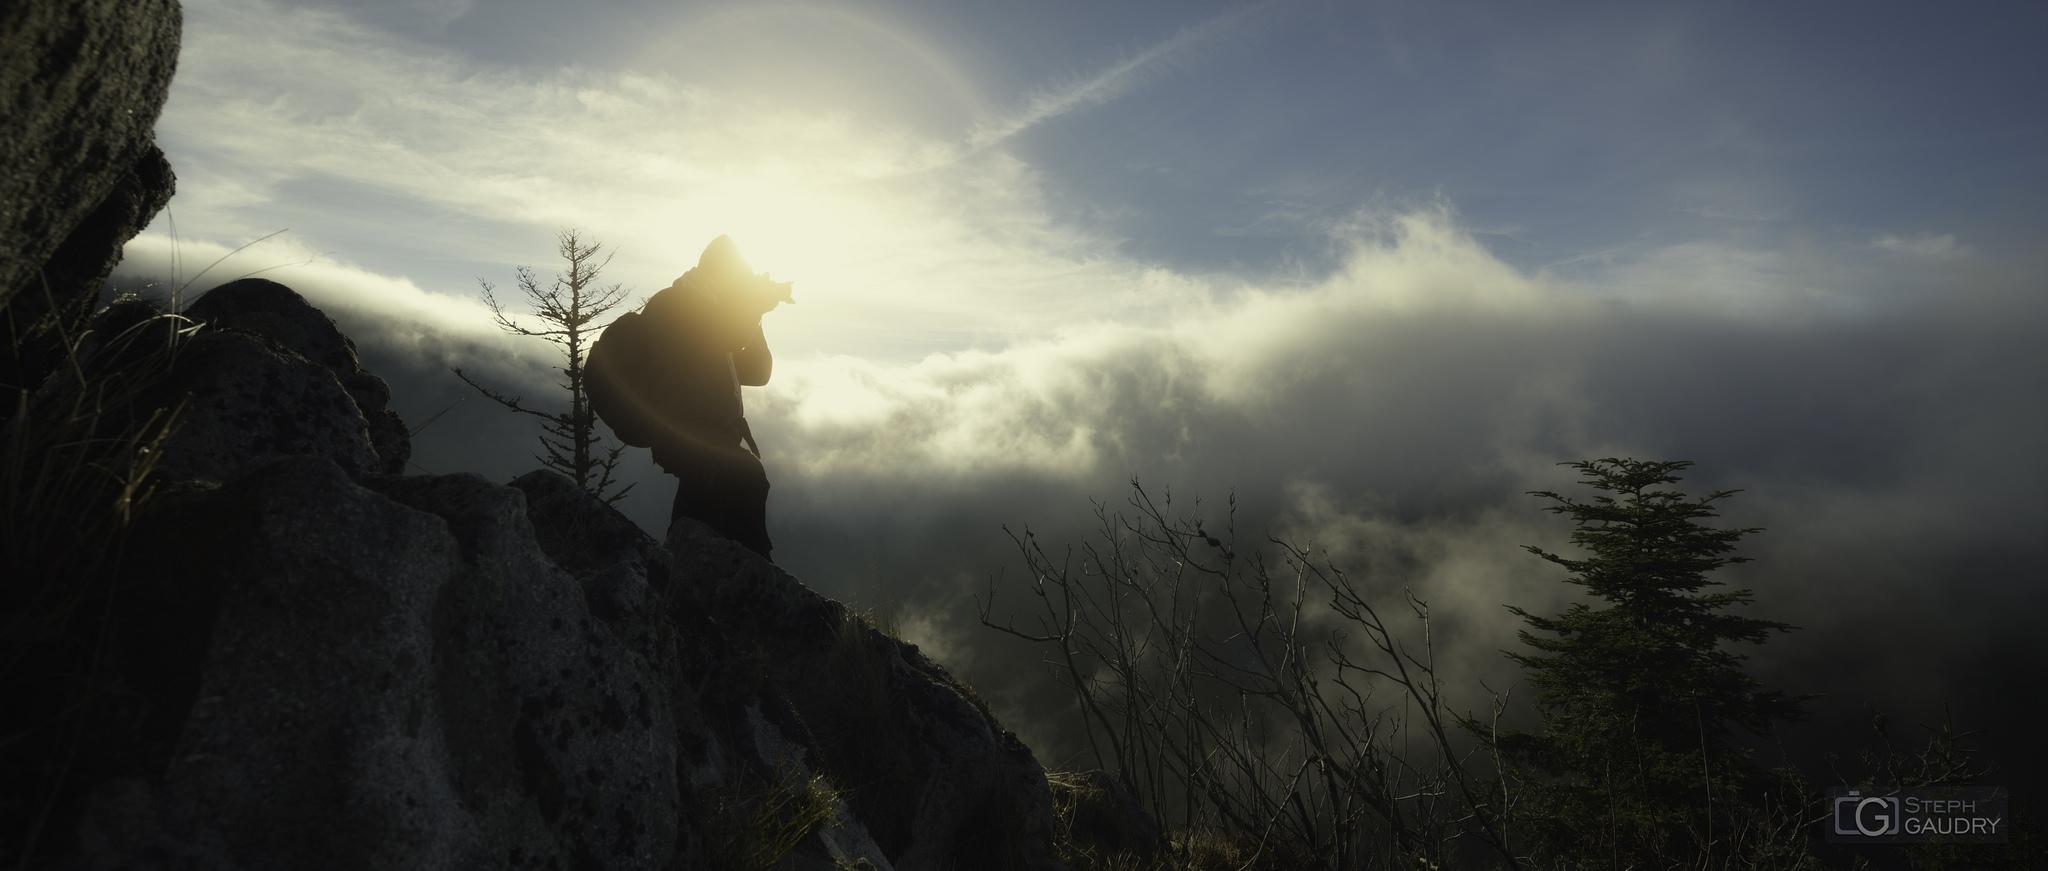 Les aventuriers de la brume. Expédition 2014. Autoportrait en action. [Click to start slideshow]